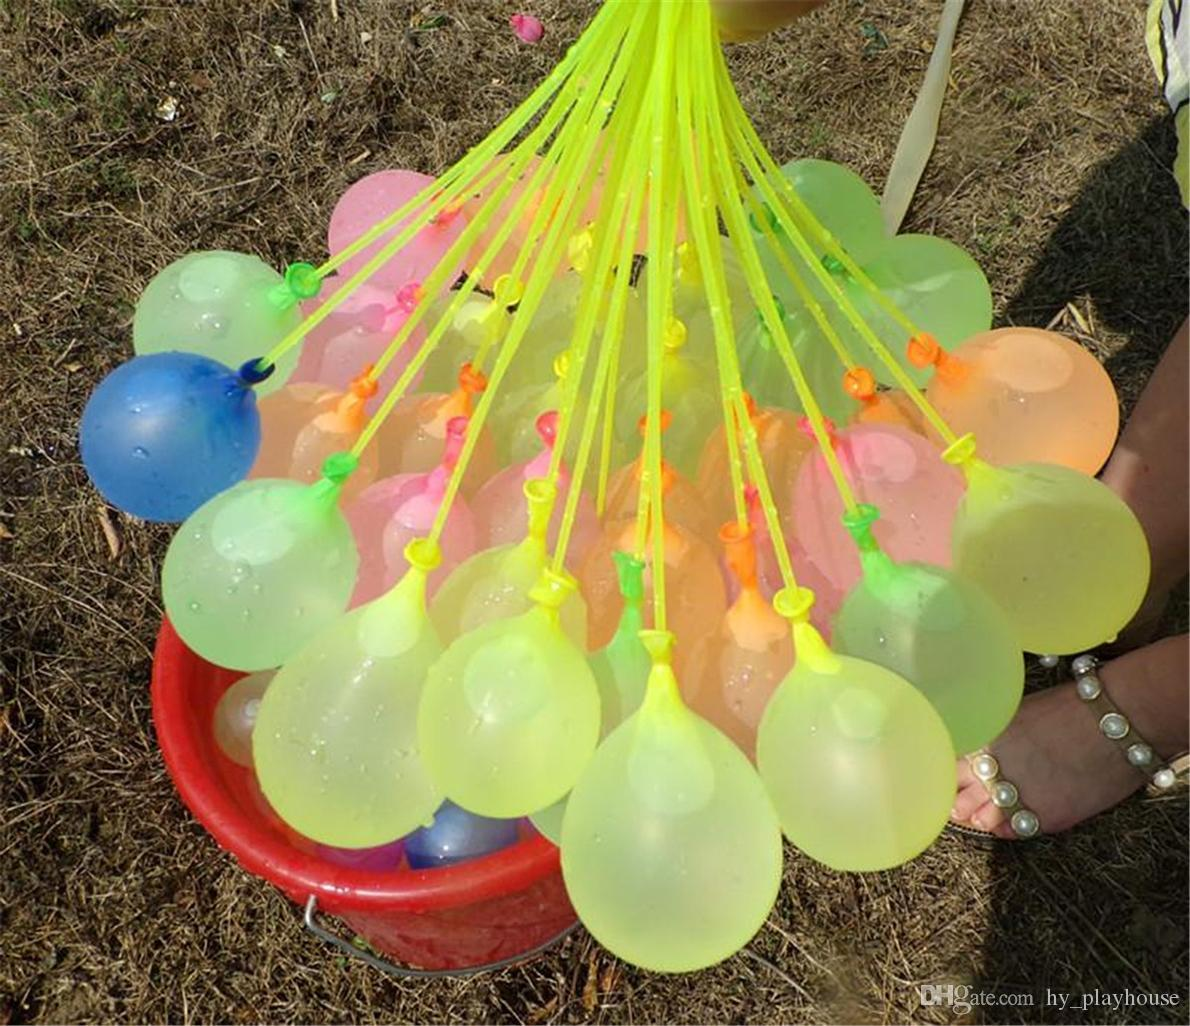 111 stücke sommer magische bunte wasser ballon strand party outdoor spielzeug wasser bomb boomoon kind kinder neuheit gag spiel mndgs